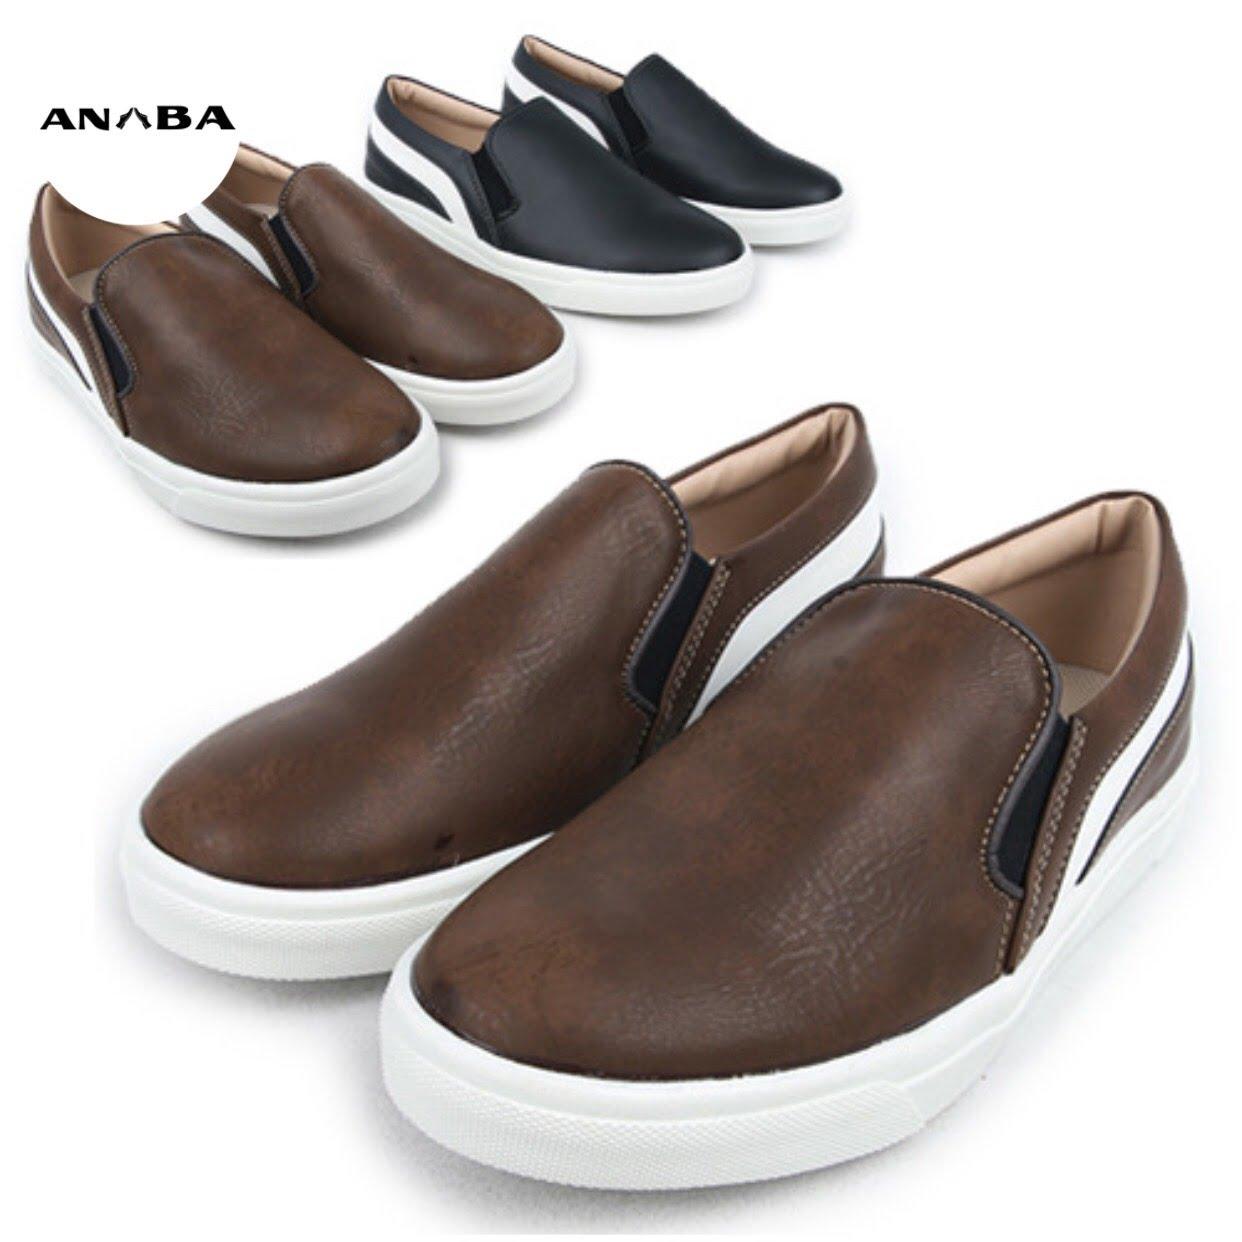 Thời thượng cùng mẫu giày da Slip on cao cấp